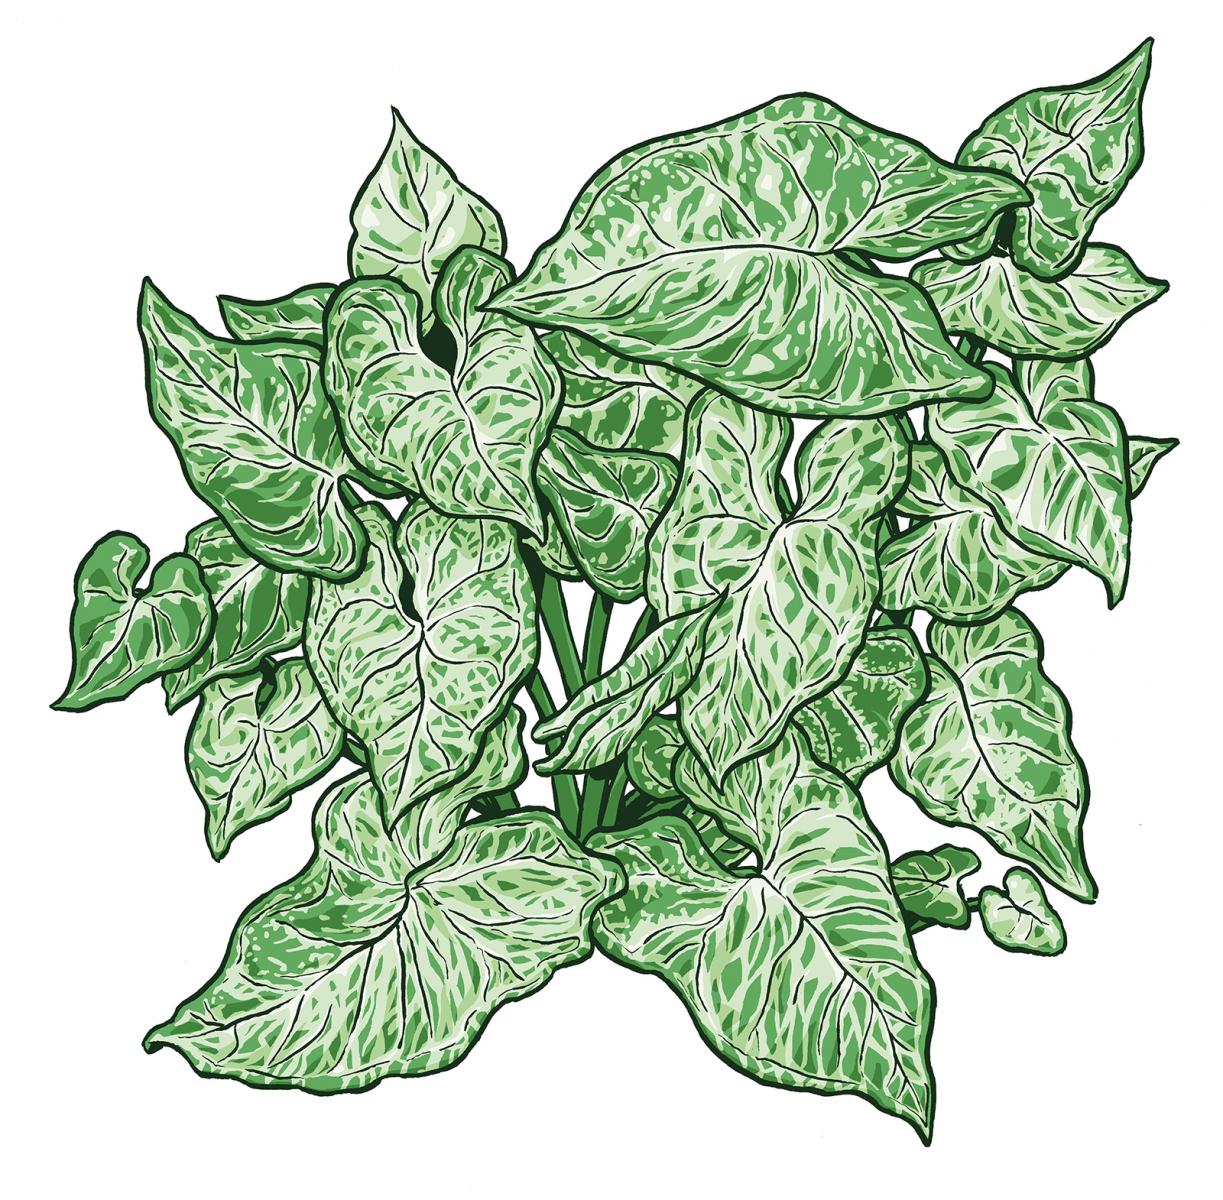 Syngonium-PodophyllumWEB